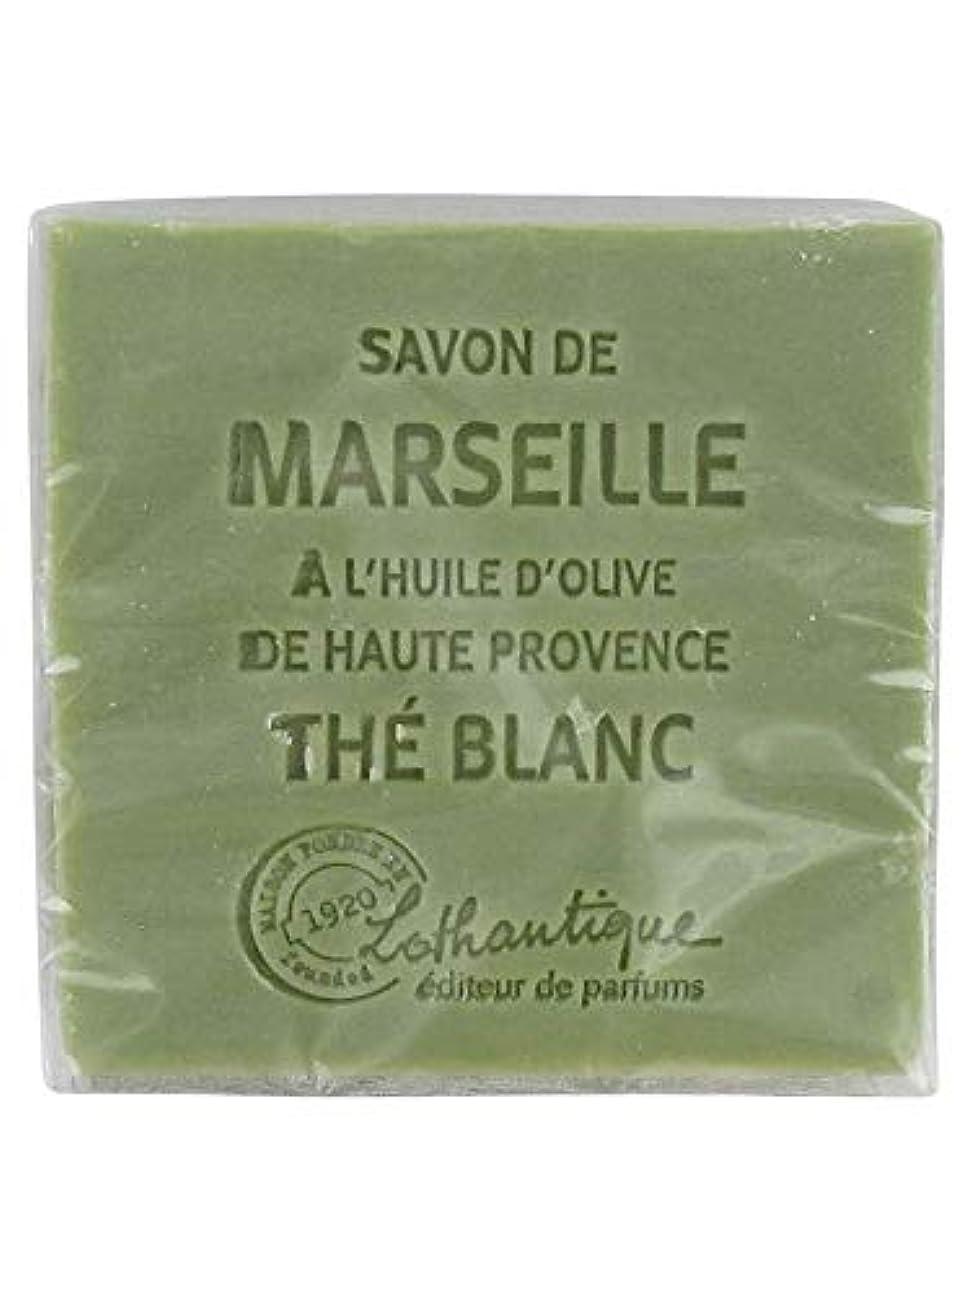 リーチフォーカス砲兵Lothantique(ロタンティック) Les savons de Marseille(マルセイユソープ) マルセイユソープ 100g 「ホワイトティー」 3420070038036